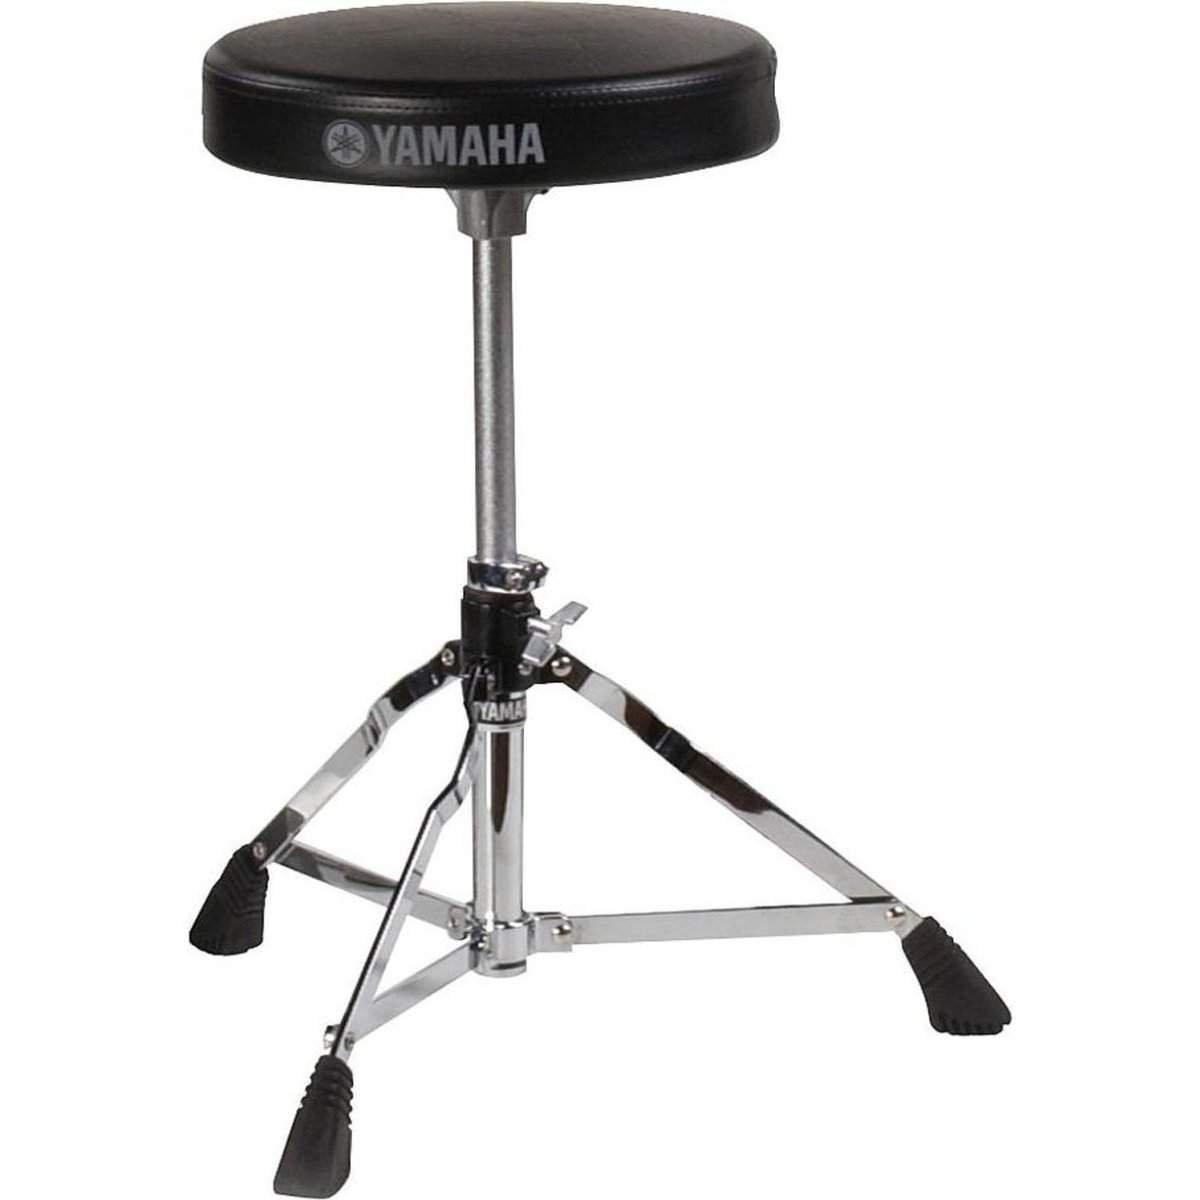 Yamaha DS-550 Round Drummer's Throne